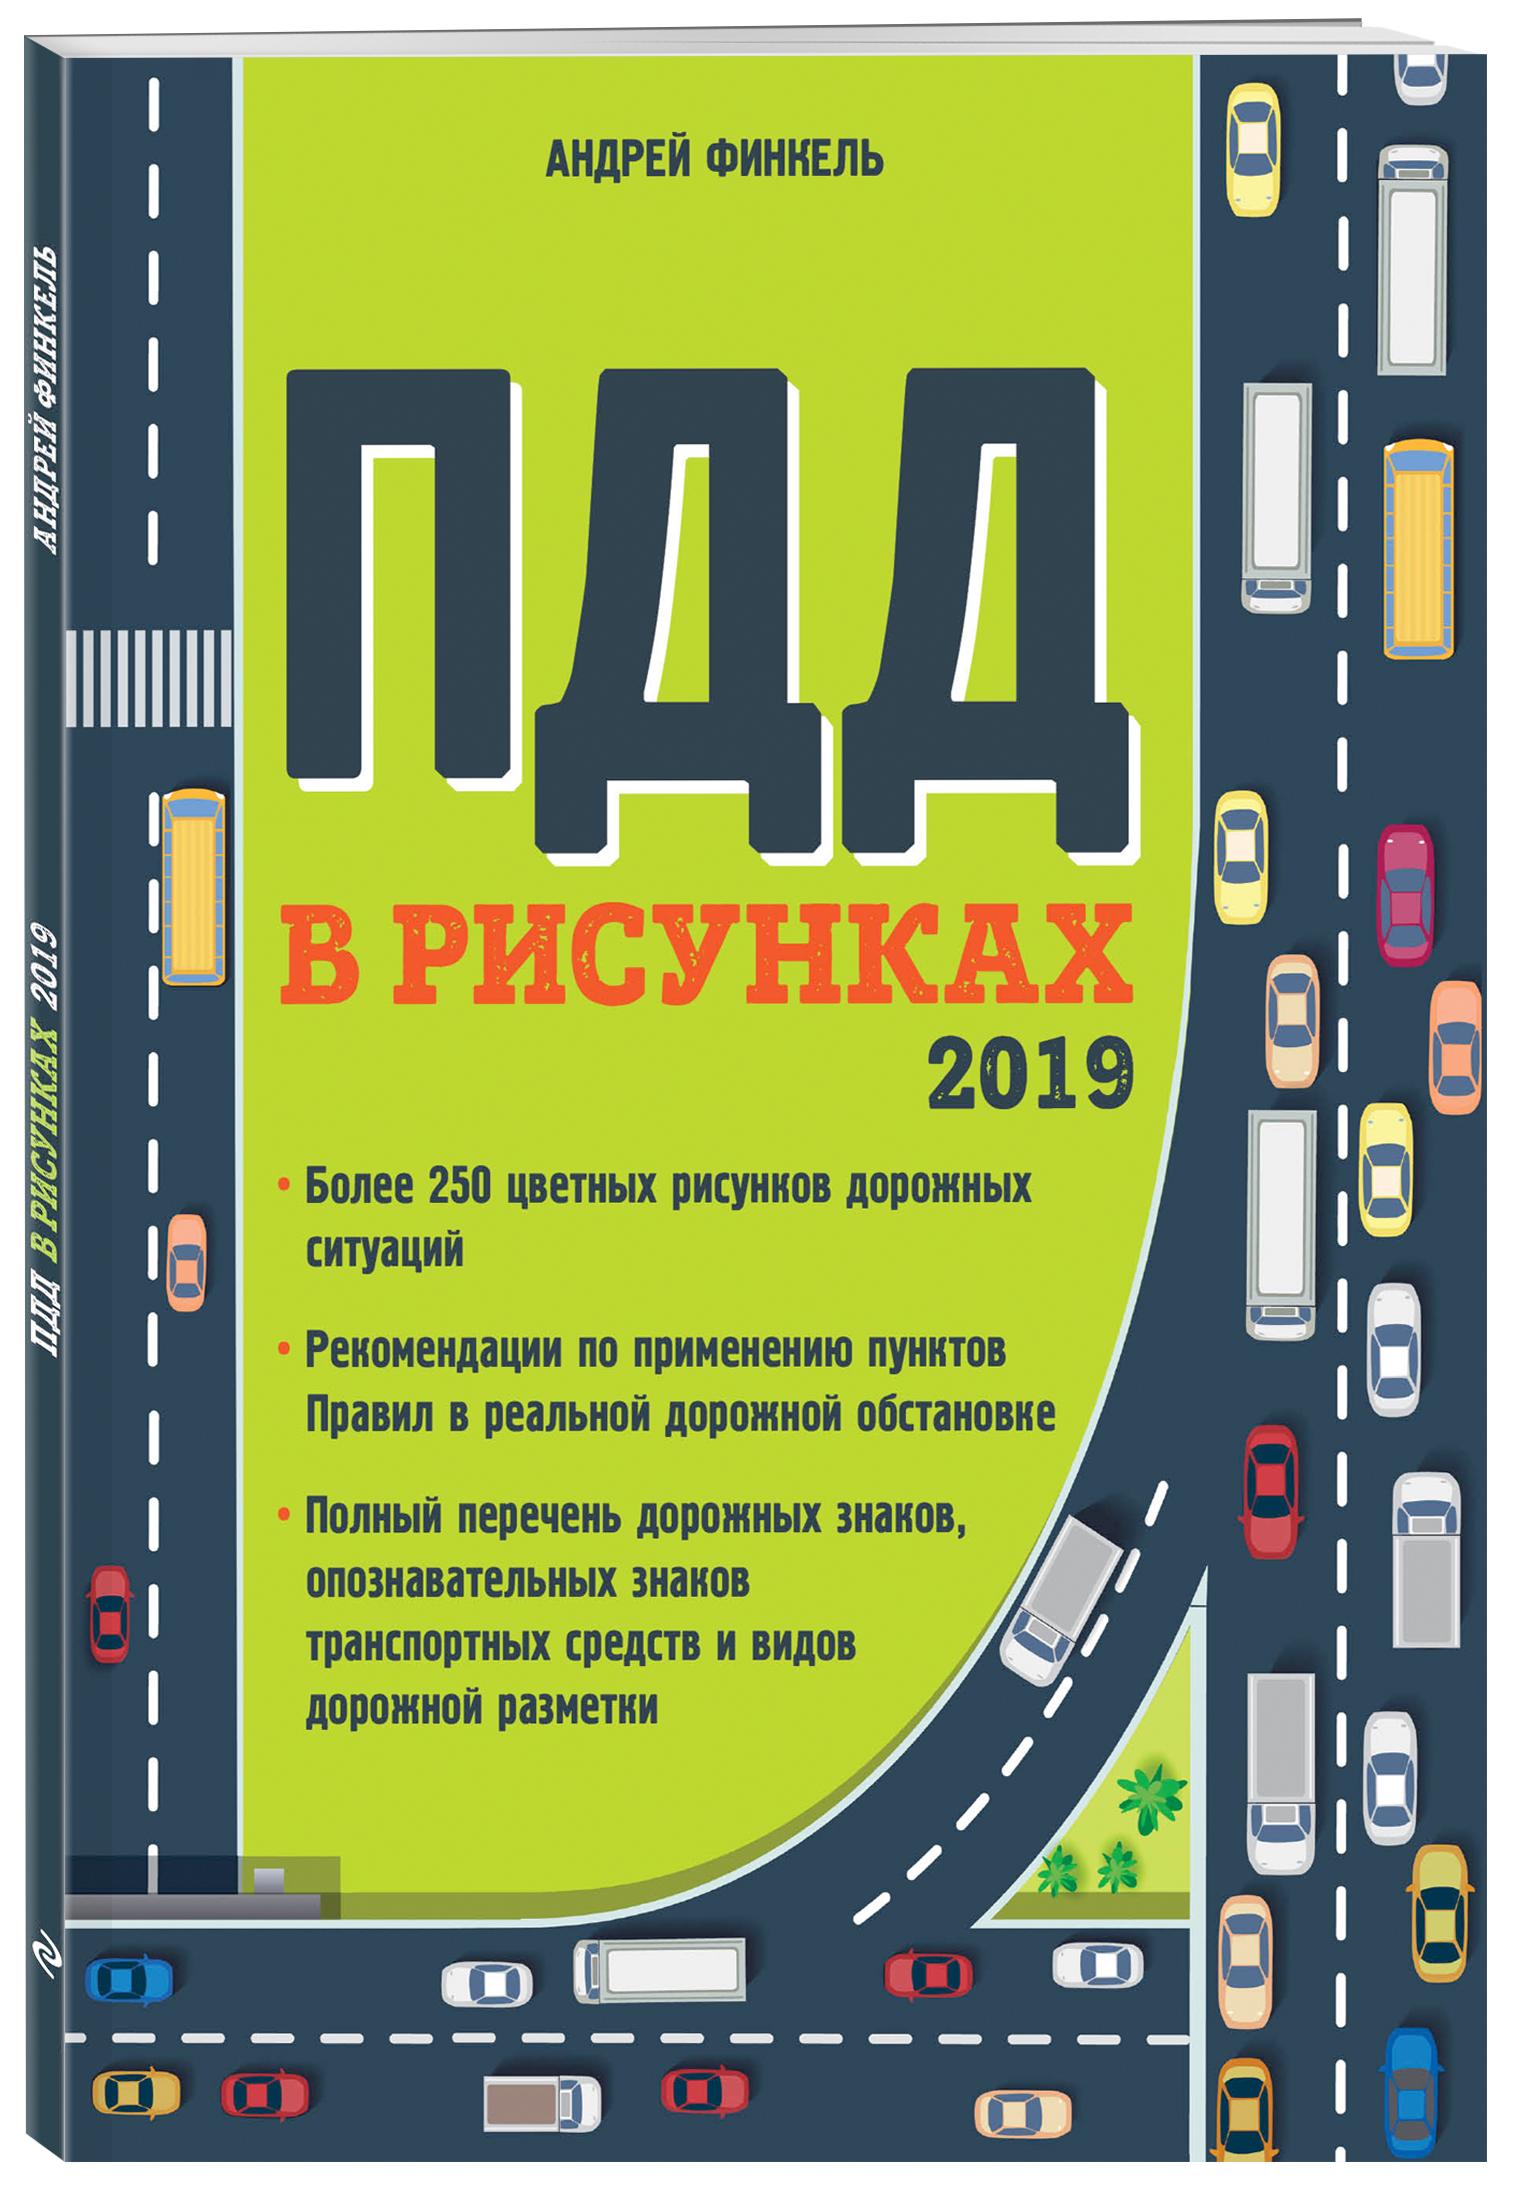 Финкель А.Е. Правила дорожного движения в рисунках (редакция 2019 г.)